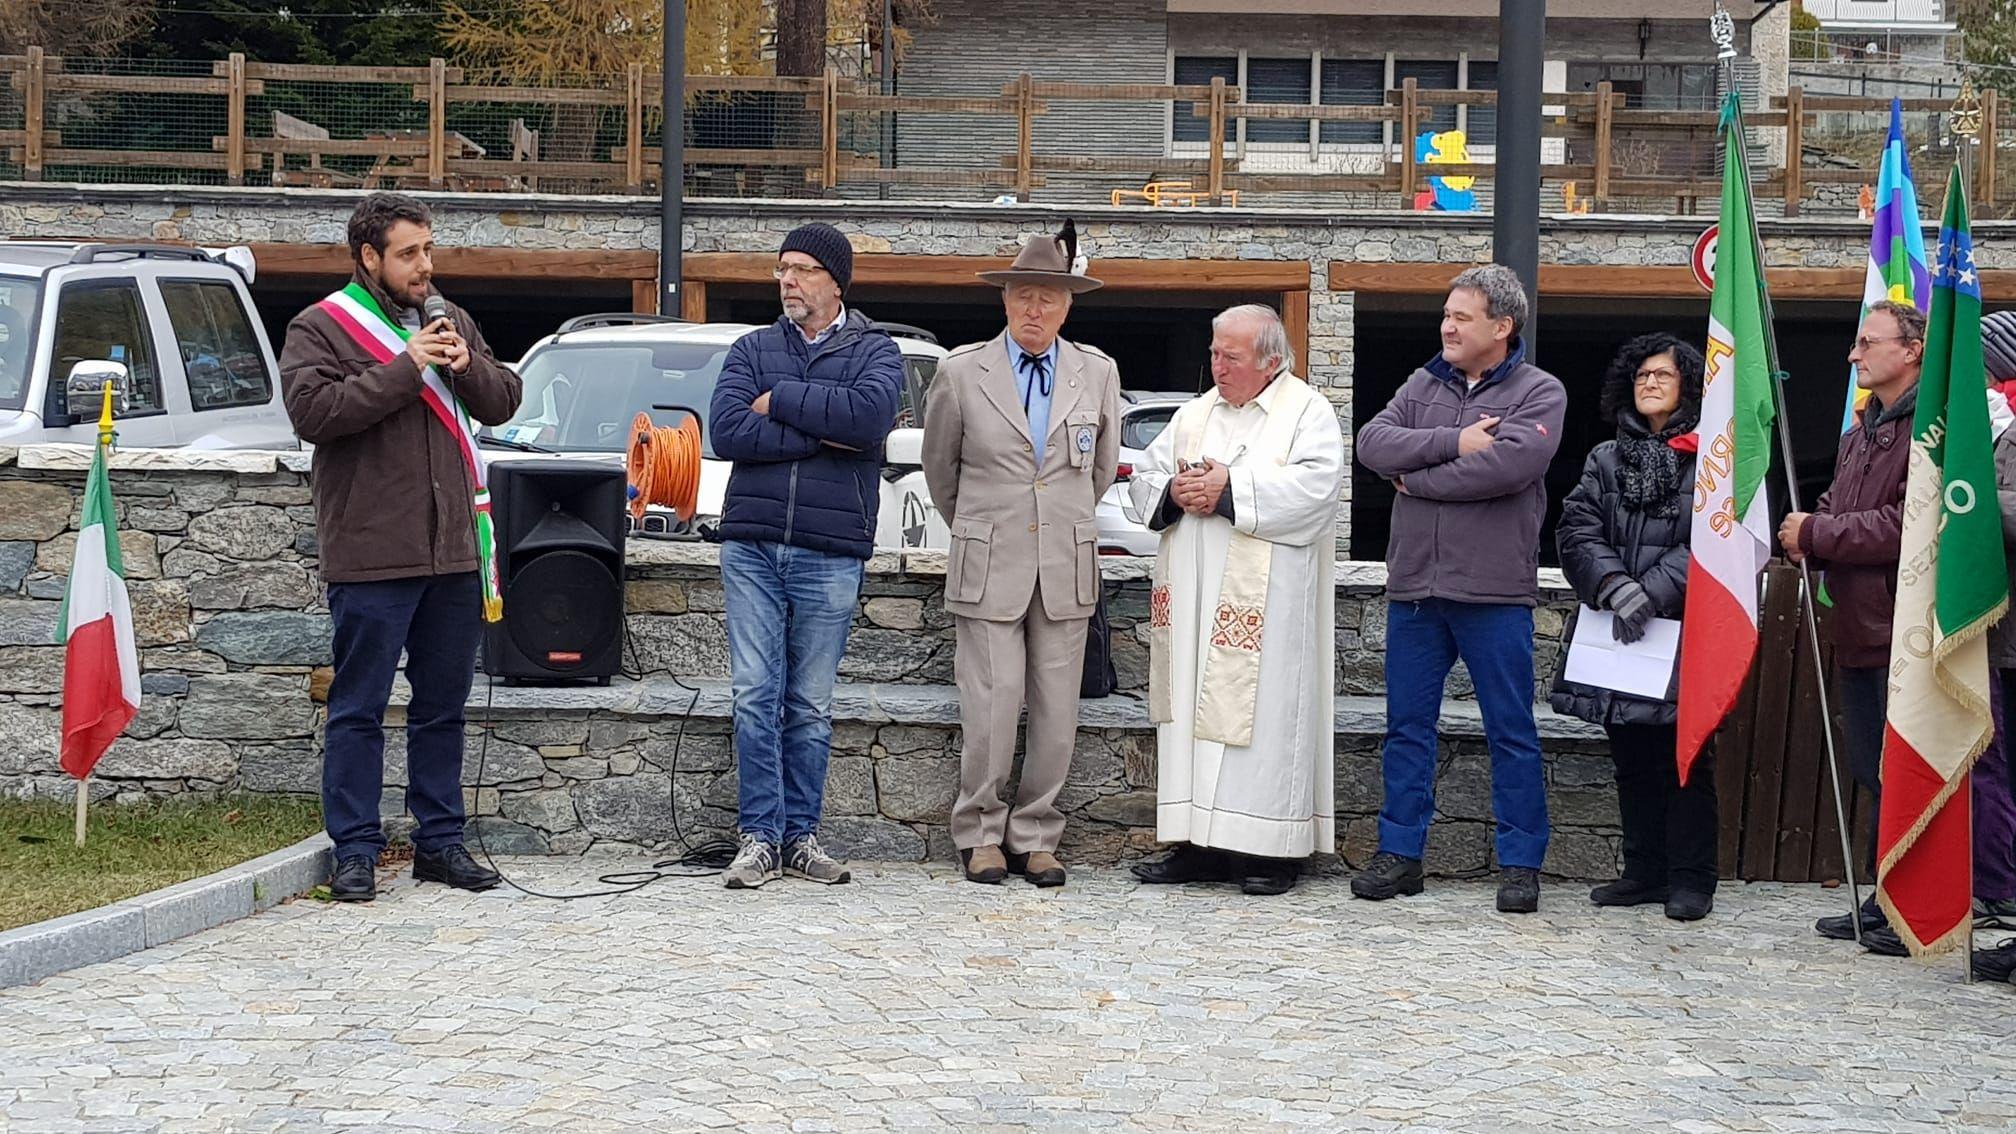 CERESOLE REALE - Il ricordo della tragedia sul colle della Galisia è sempre vivo, anche a 75 anni di distanza - FOTO E VIDEO